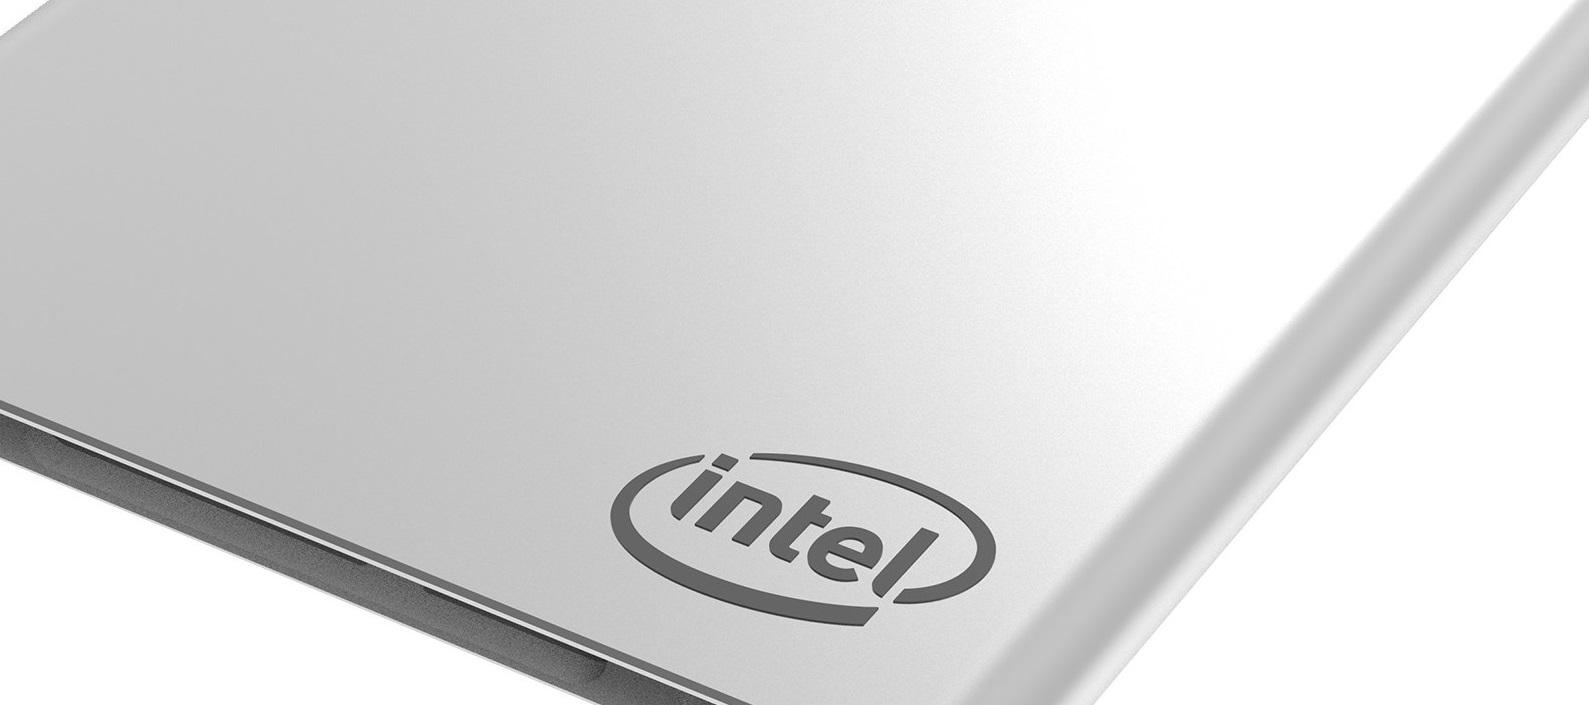 Intel Compute Card: Ordenador del tamaño de una tarjeta de crédito